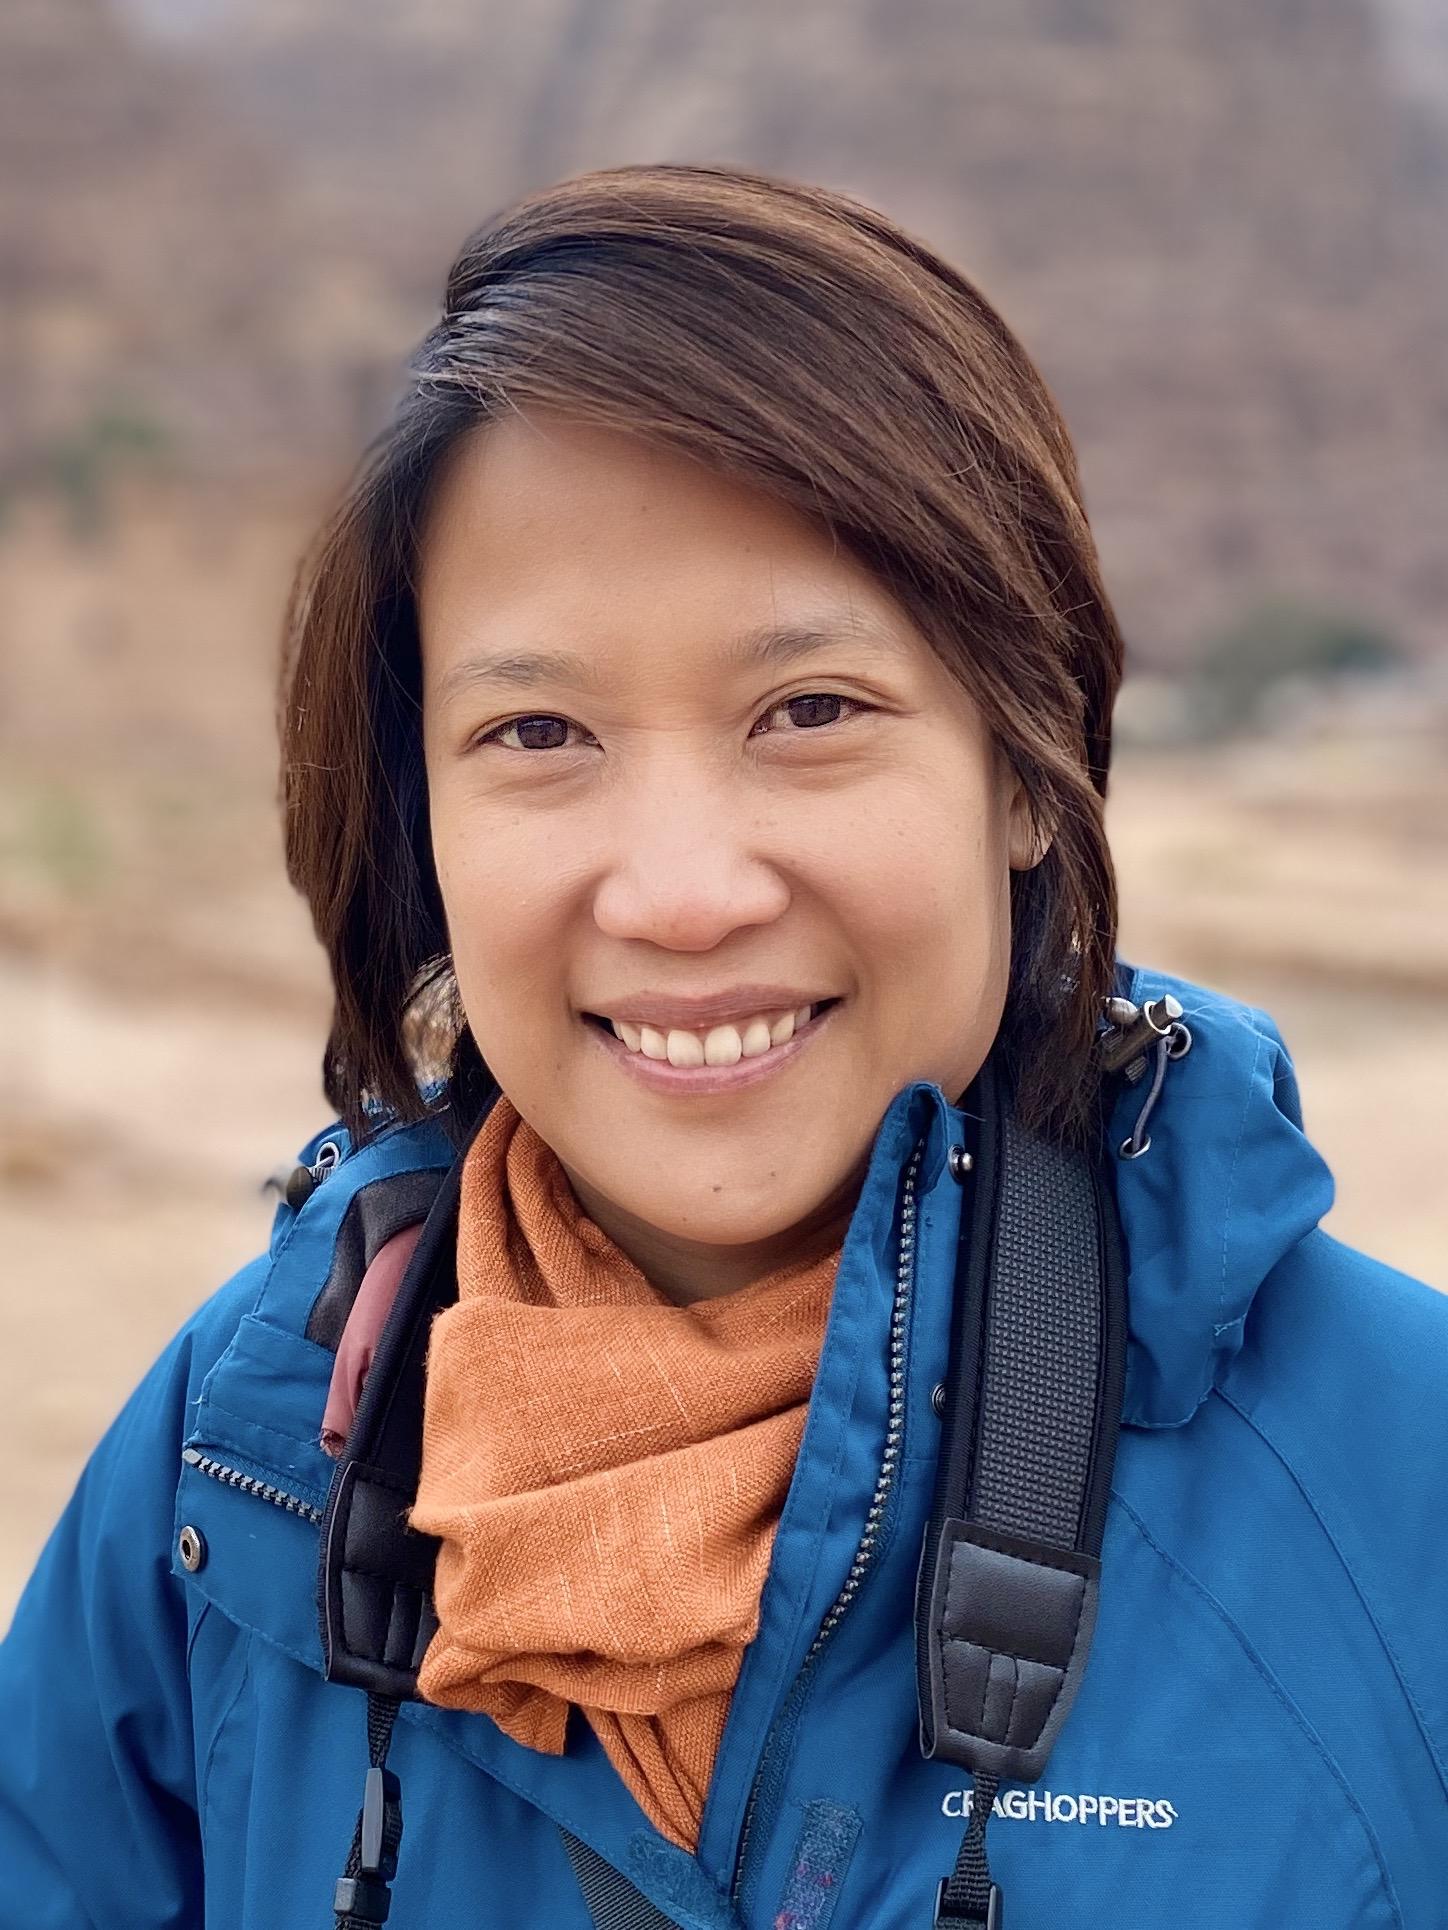 Dr Pui Anantrasirichai